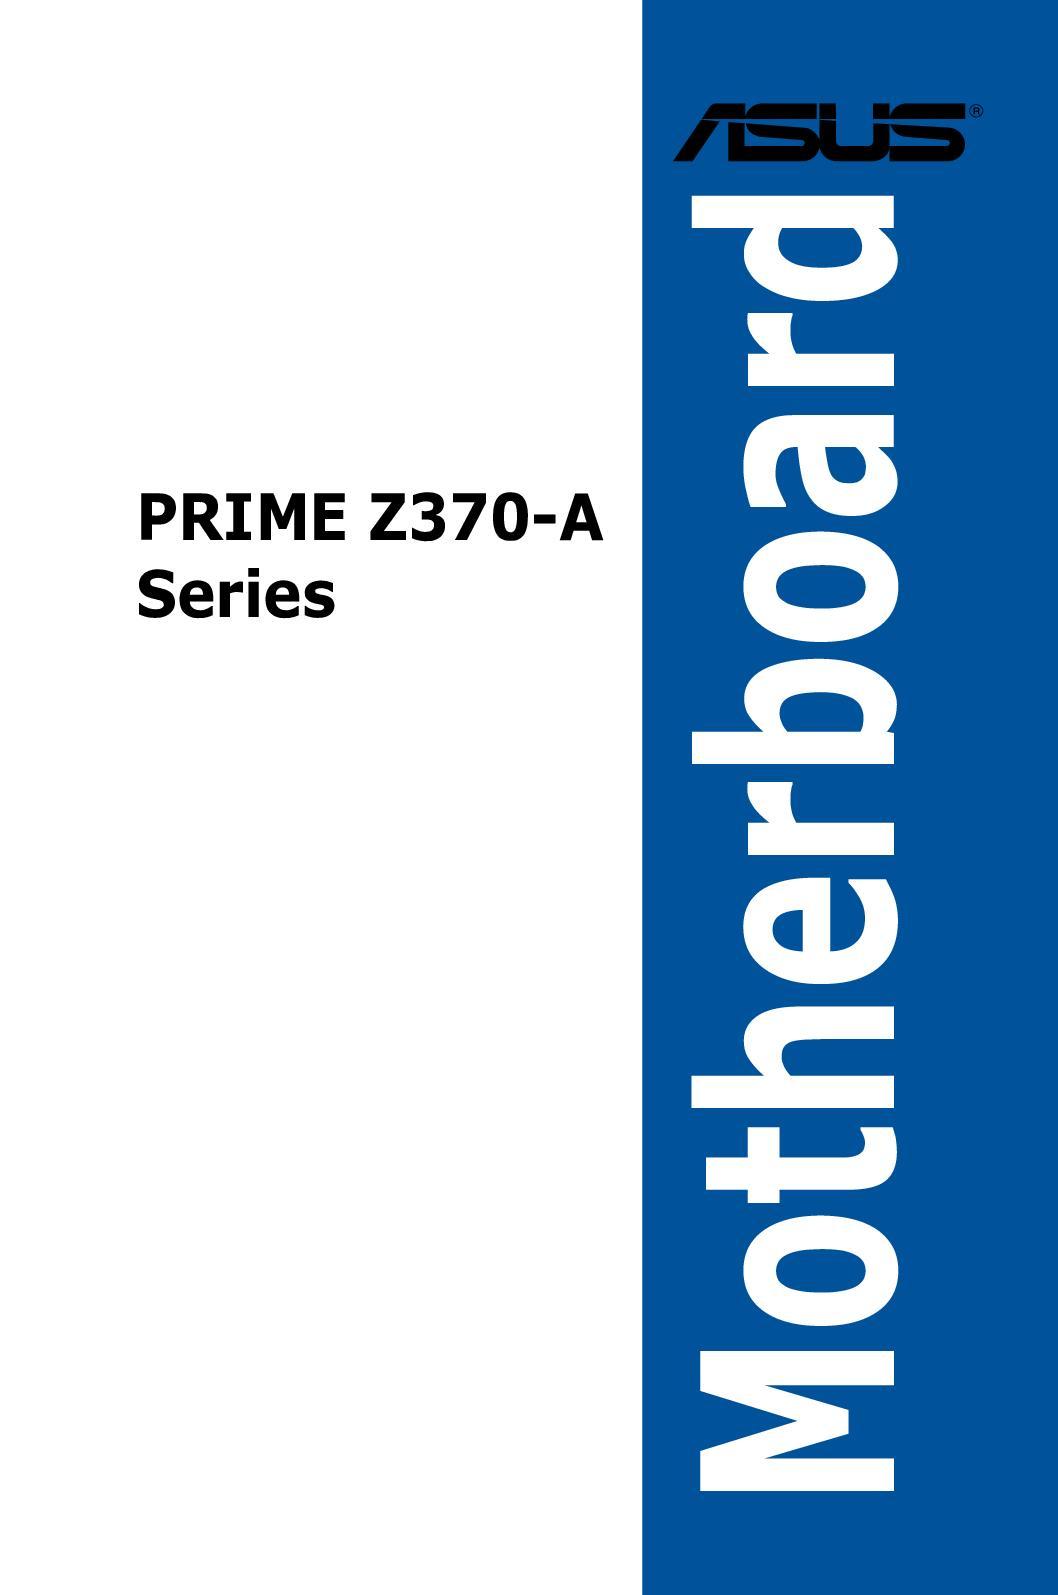 Calaméo - E13271 Prime Z370